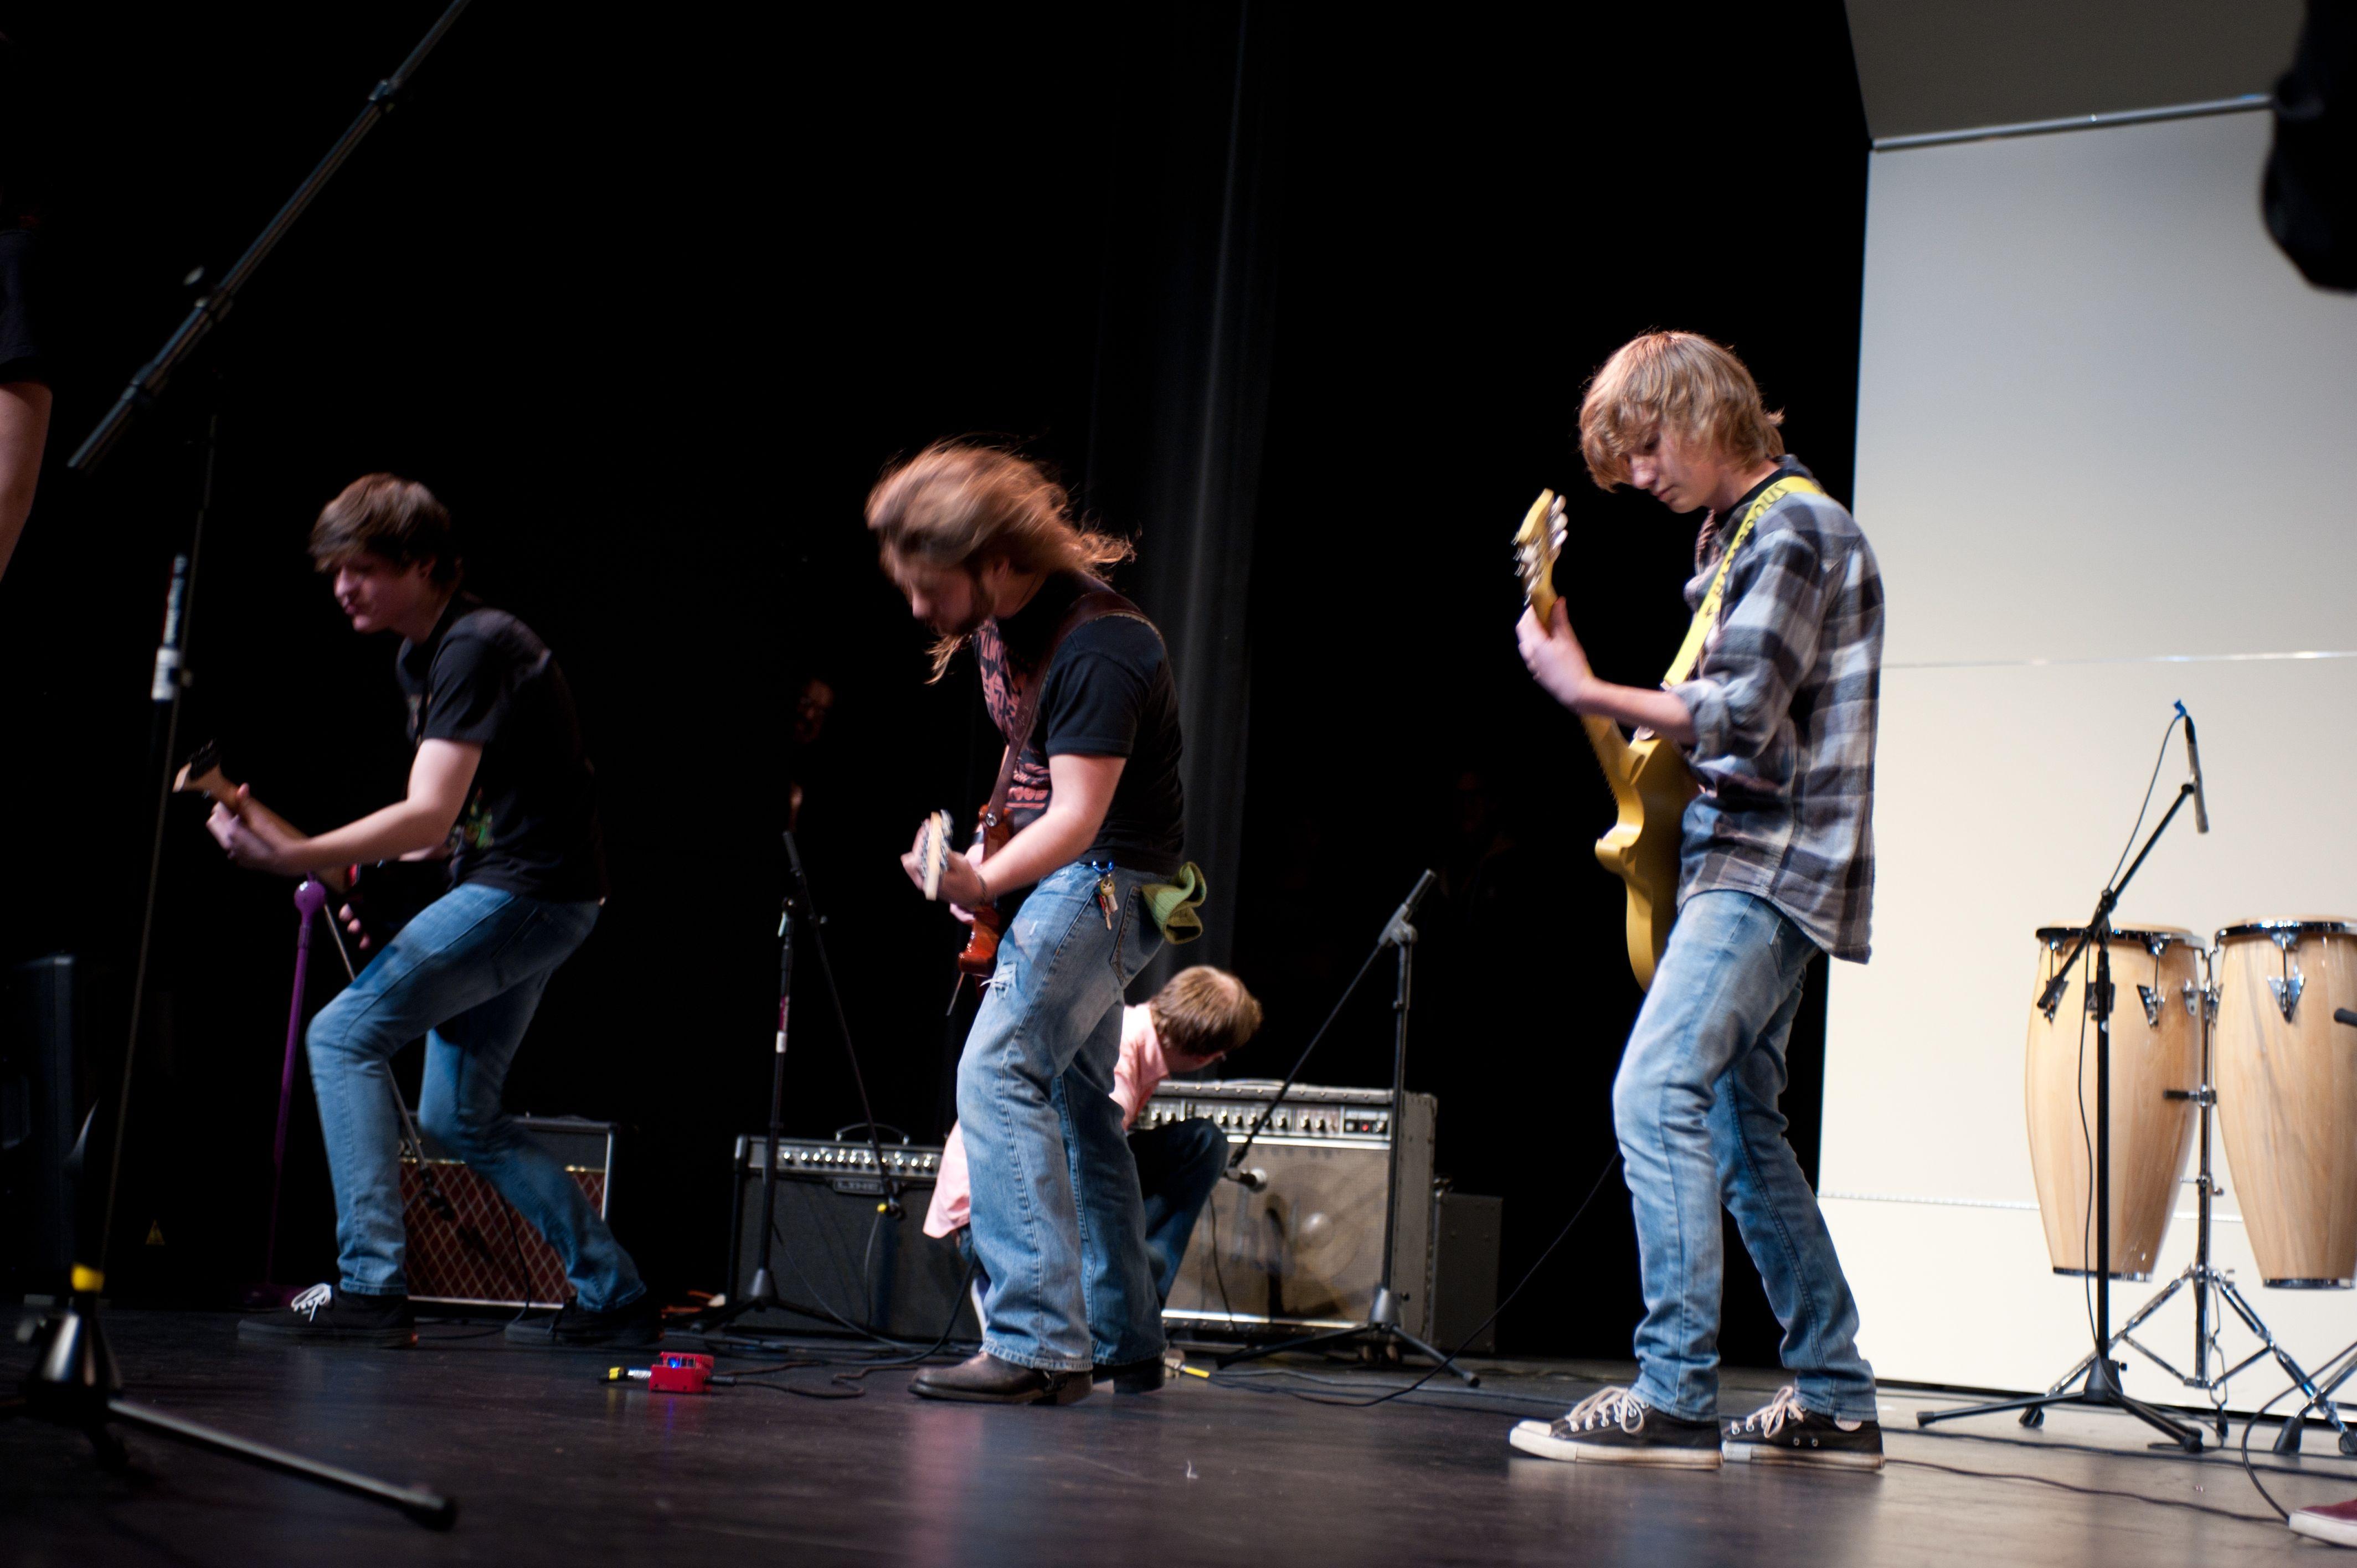 Rockin' guitars at the Autumnal